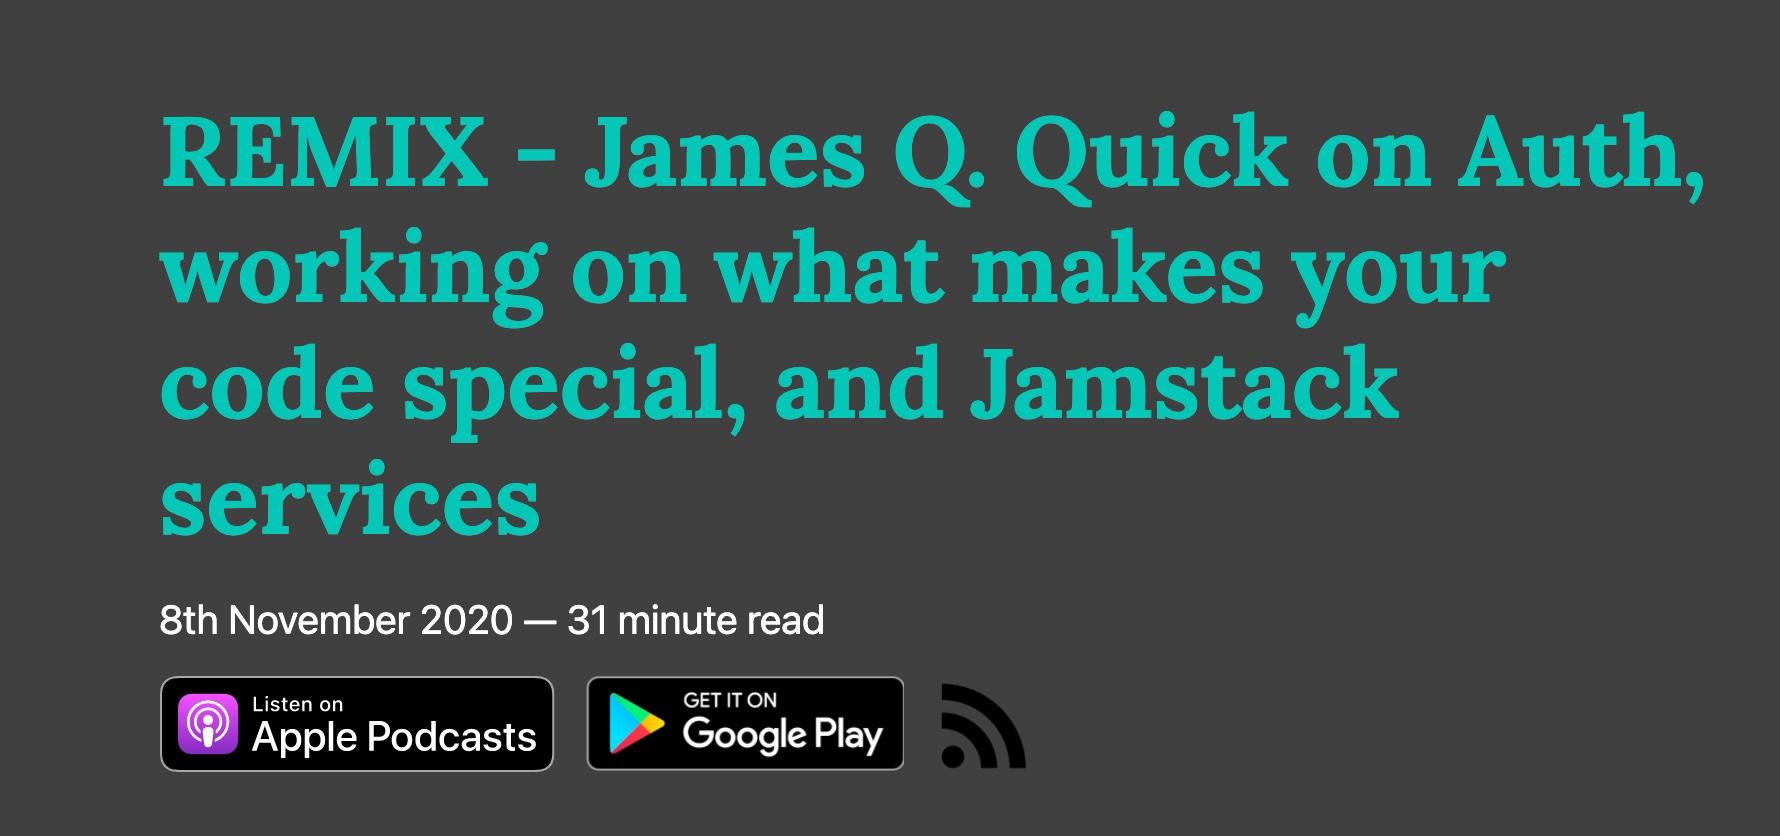 That's My Jamstack Remix